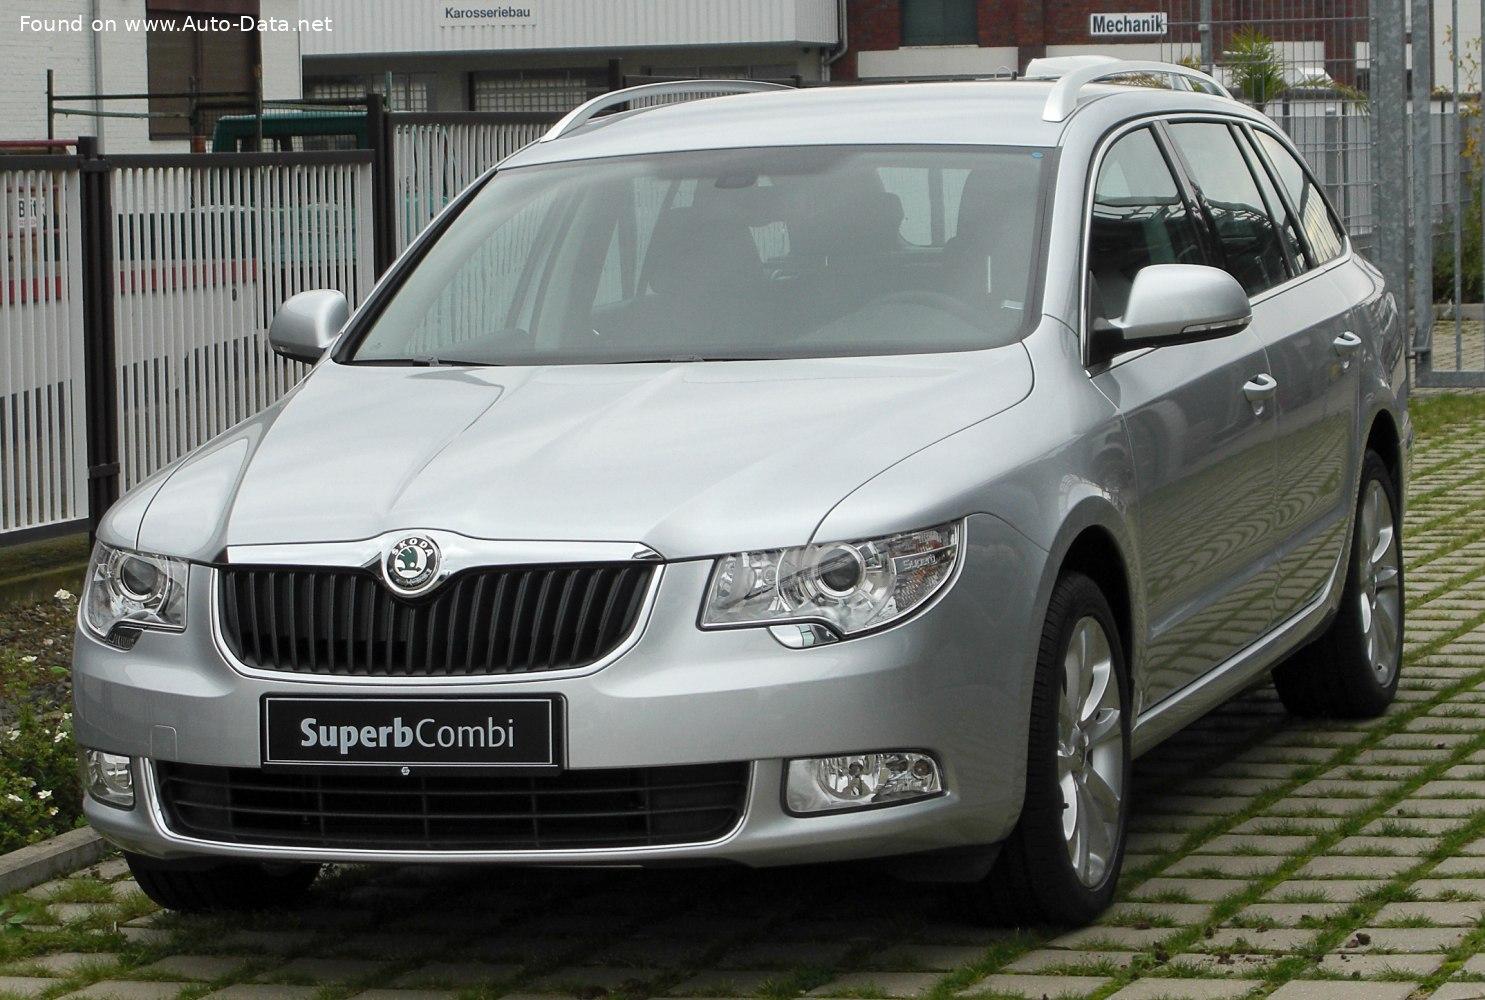 2008 Skoda Superb Ii Combi 1 8 Tsi 158 Hp Technical Specs Data Fuel Consumption Dimensions